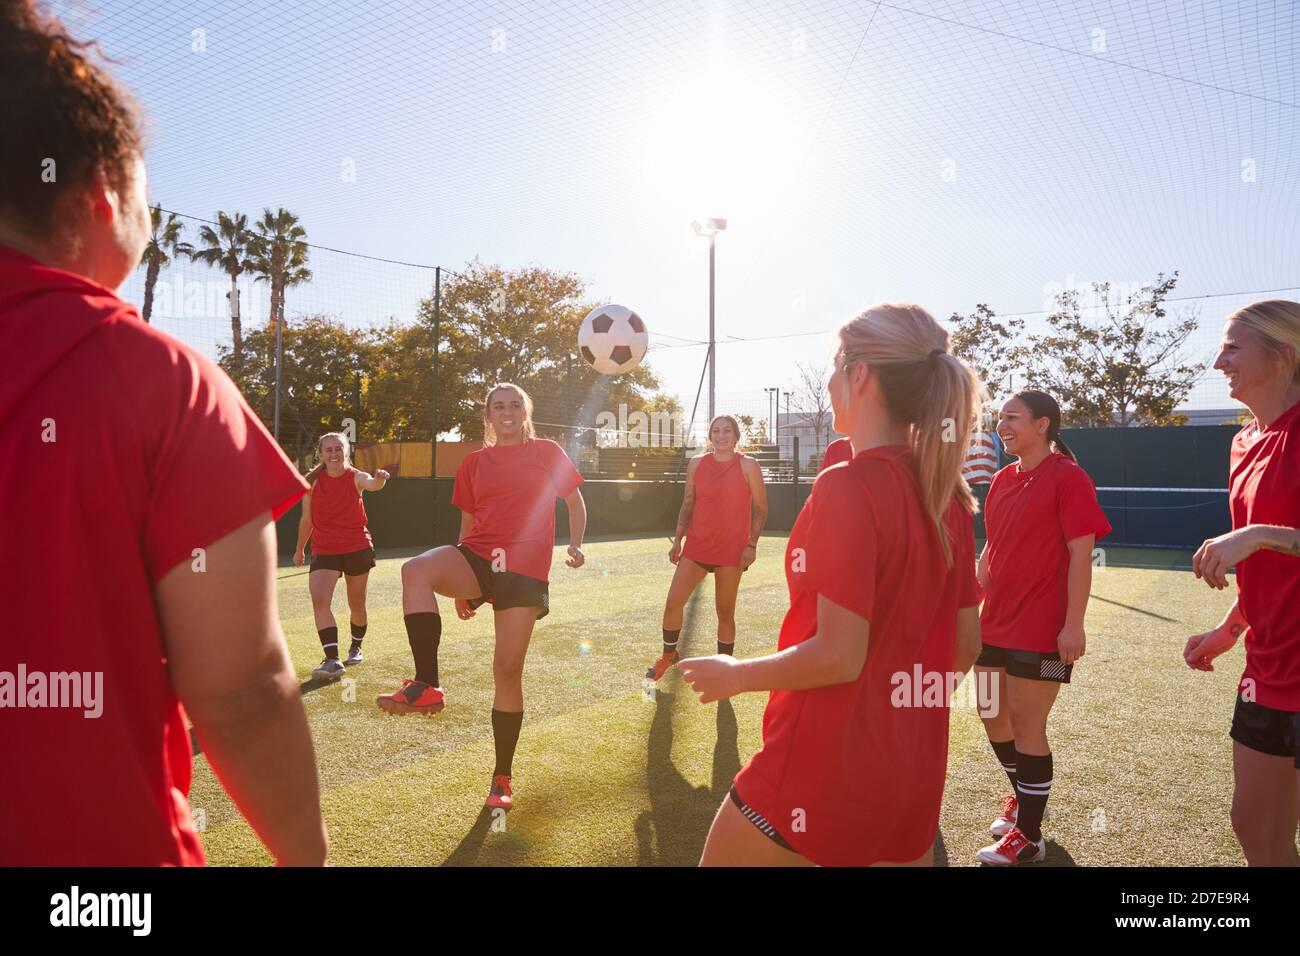 Équipe de football Kicking ball pour Femme pendant l'entraînement pour le match de football Sur le terrain Astro Turf Banque D'Images